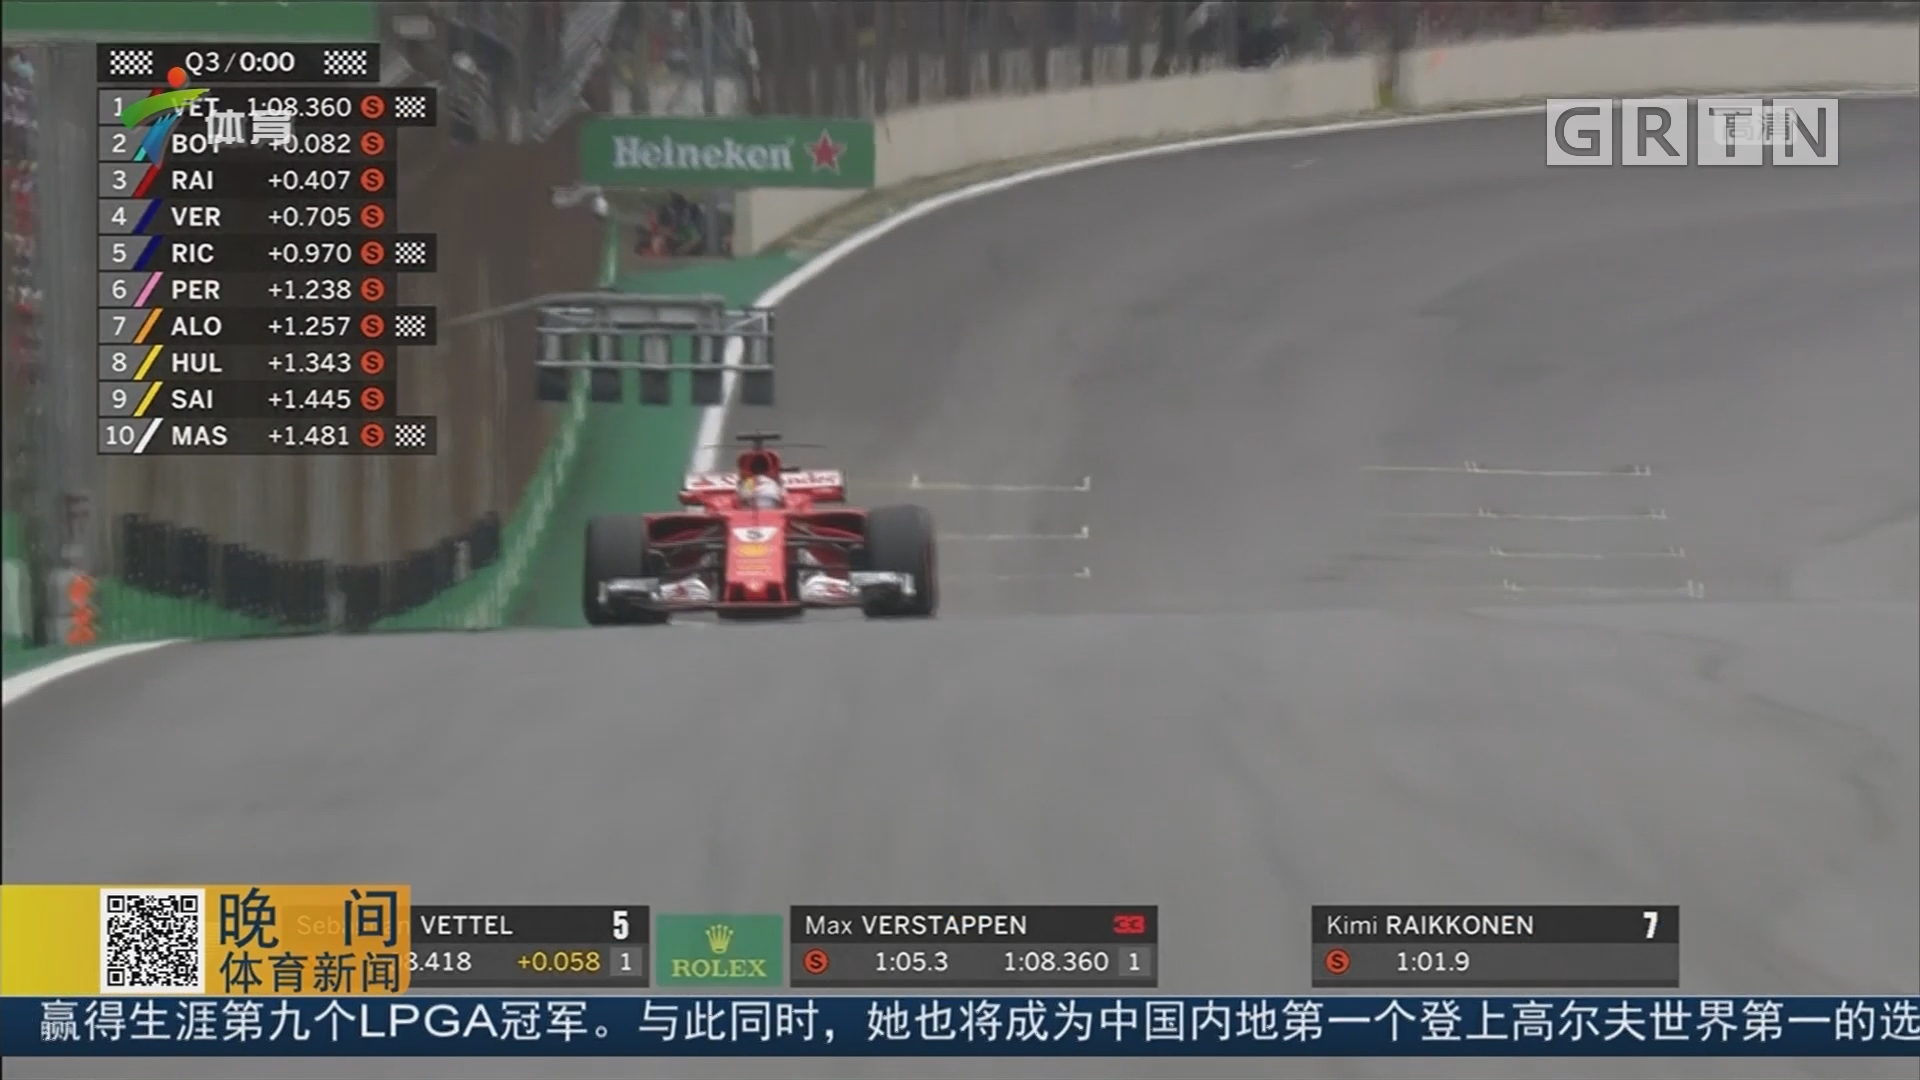 F1巴西站排位赛 博塔斯获得杆位 汉密尔顿撞墙退赛